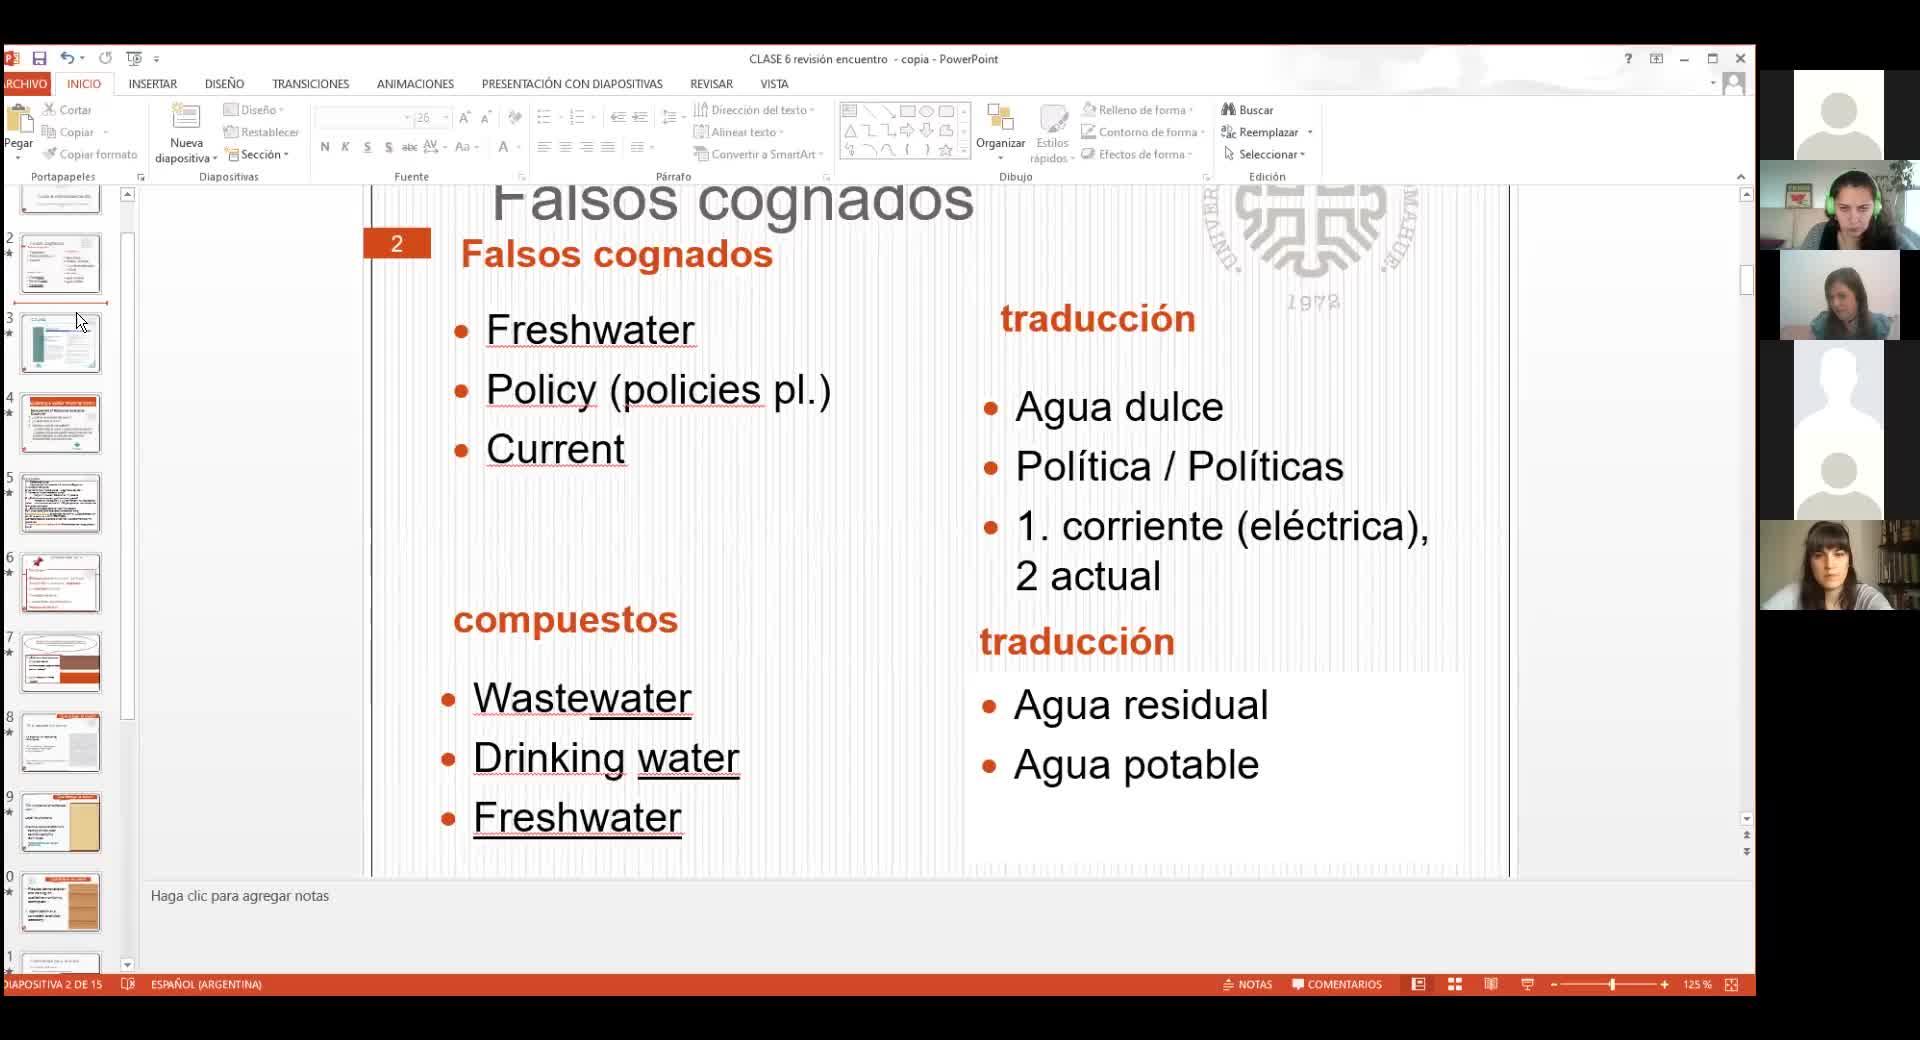 Inglés- Lic. En Saneamiento Ambiental y Tec. En Seguridad e Higiene- 18/05/21